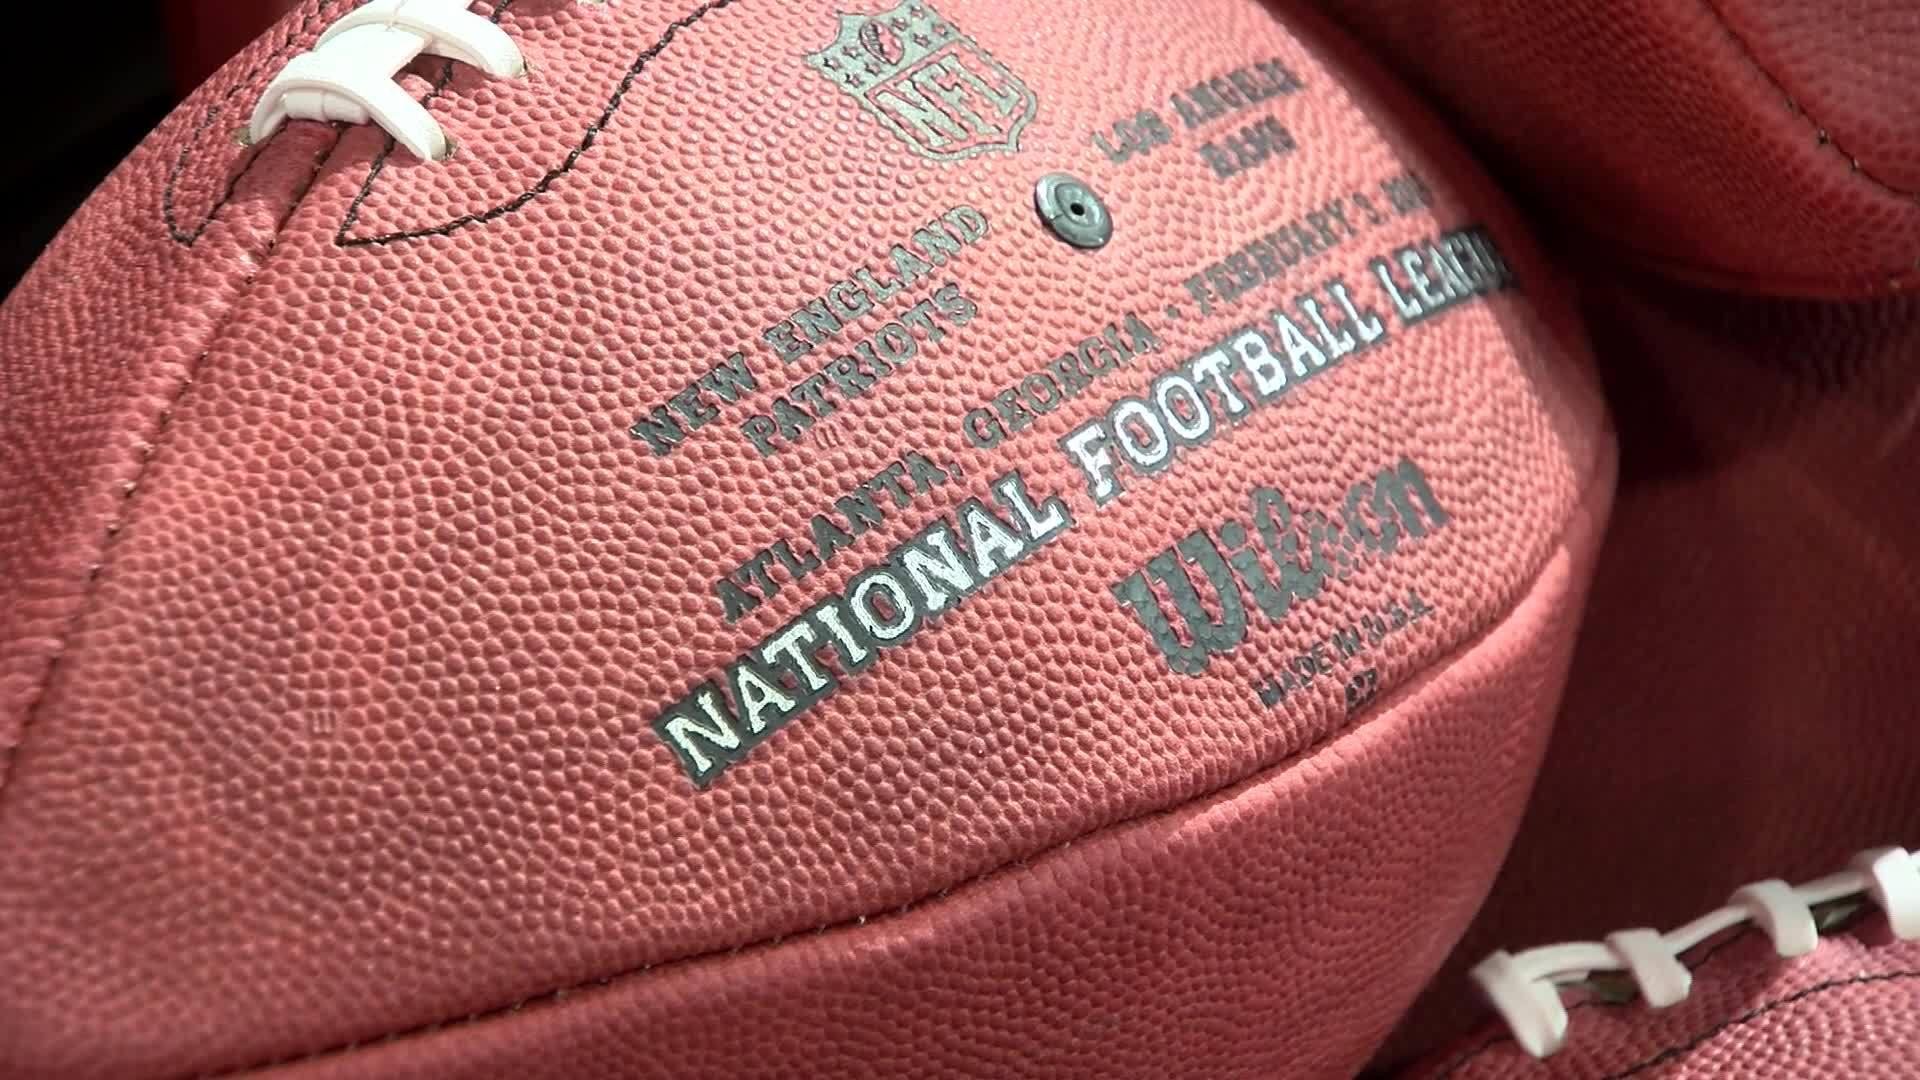 Making_NFL_game_balls_0_20190201150508